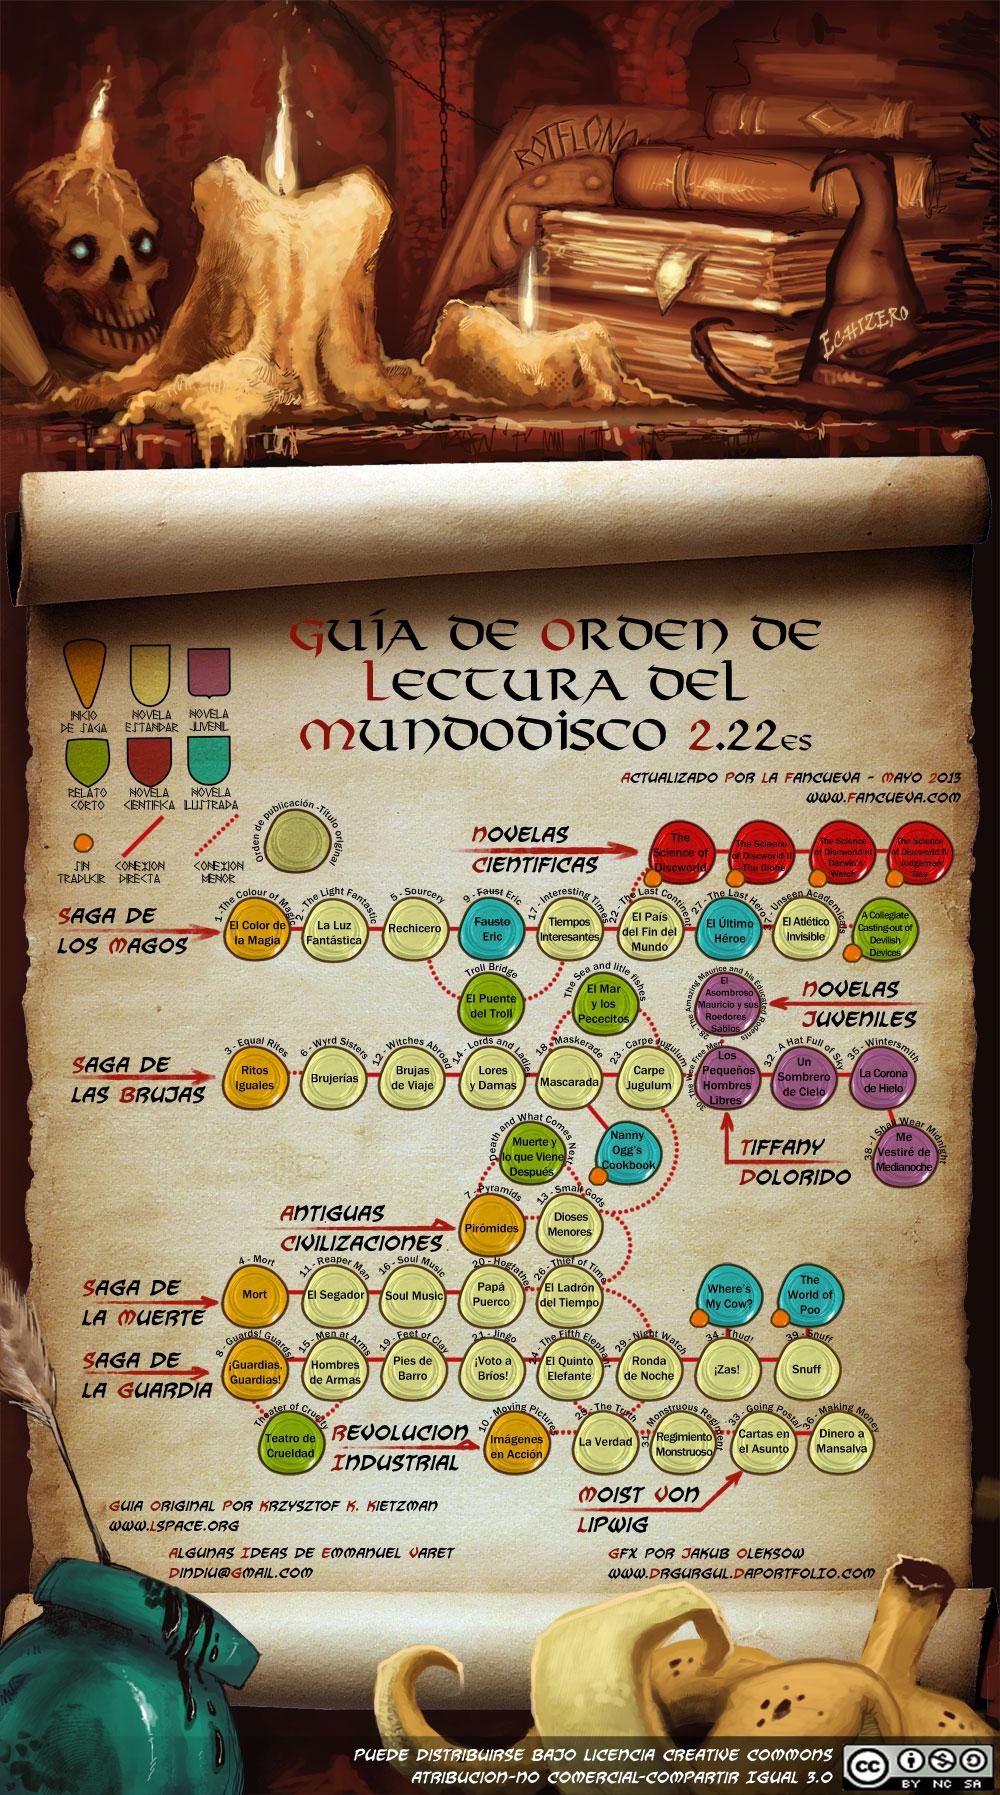 El topic de Terry Pratchett Guia-de-Orden-de-Lectura-del-Mundodisco-ES-2-22-full